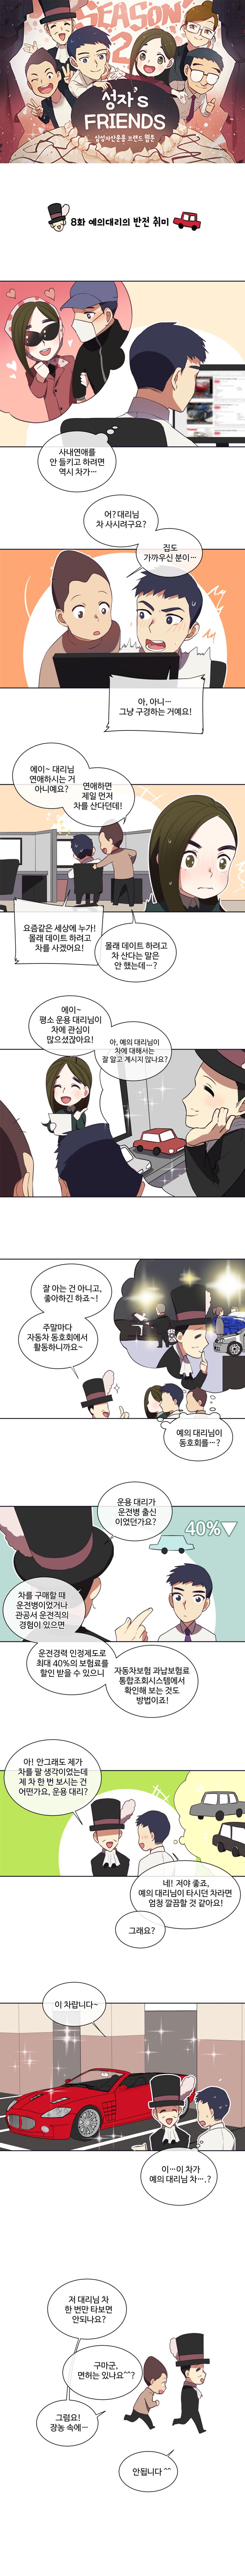 직장인취미 삼성자산운용 웹툰 성자's friends 시즌2 8화 : 예의대리의 반전 취미  세로형-웹툰